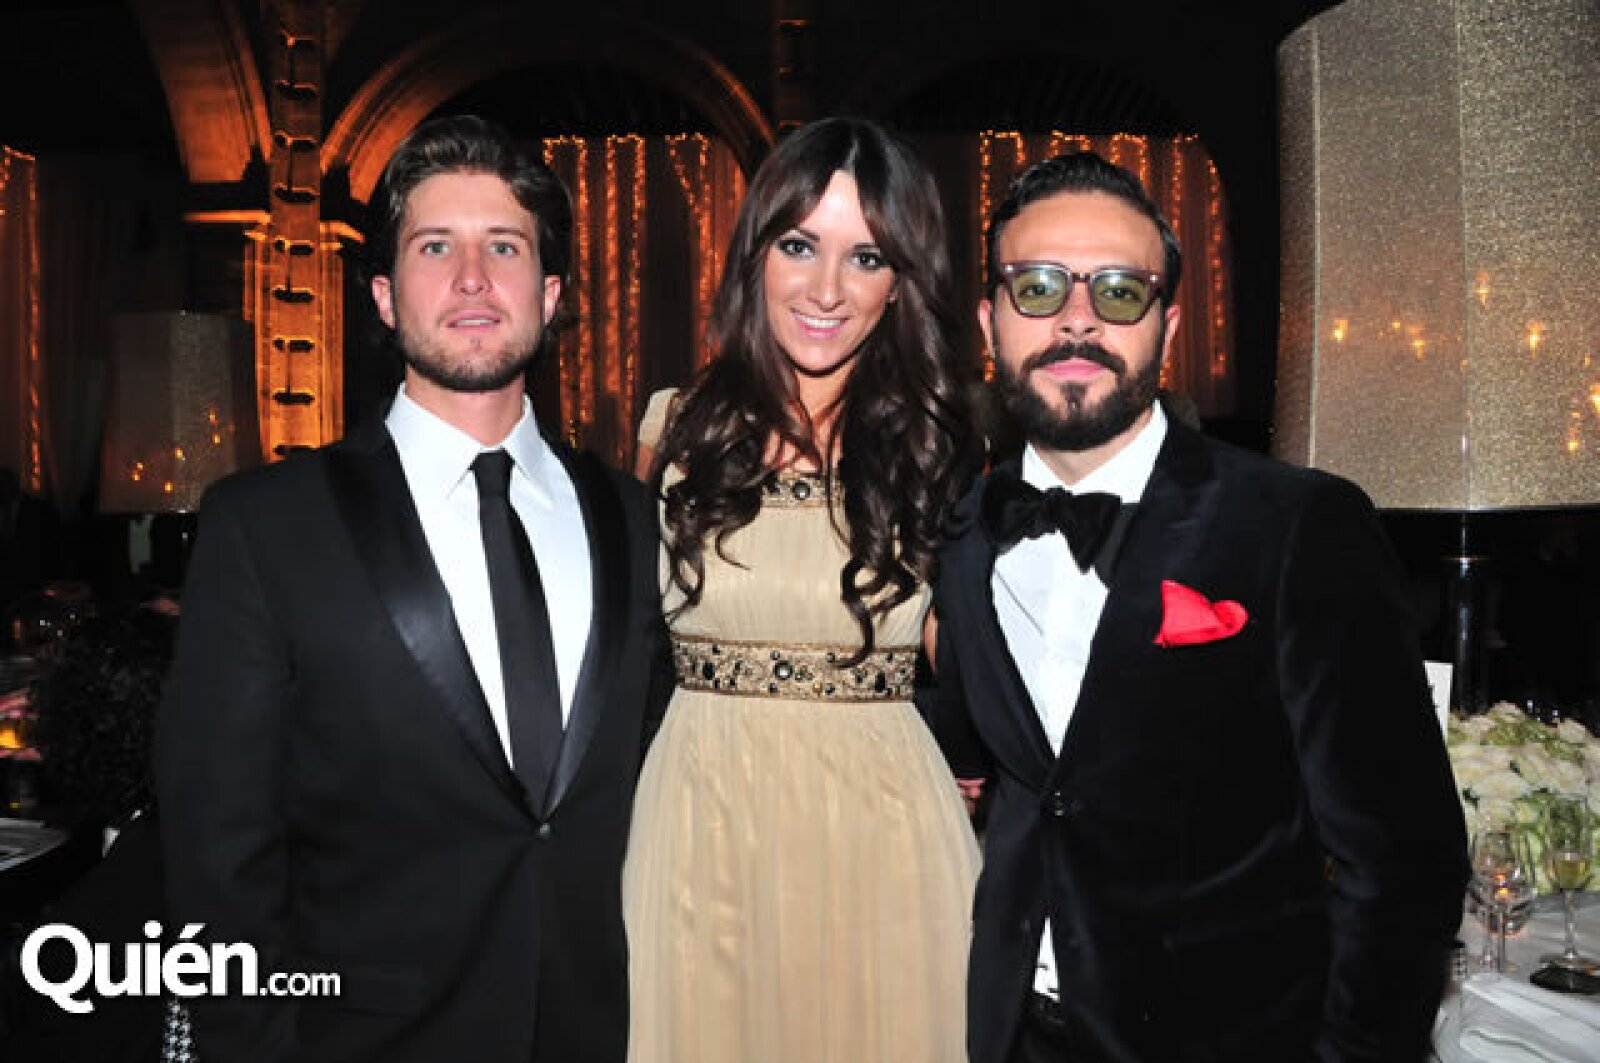 Diego Buenfil,Mariana Rubio,Josemaría Torre